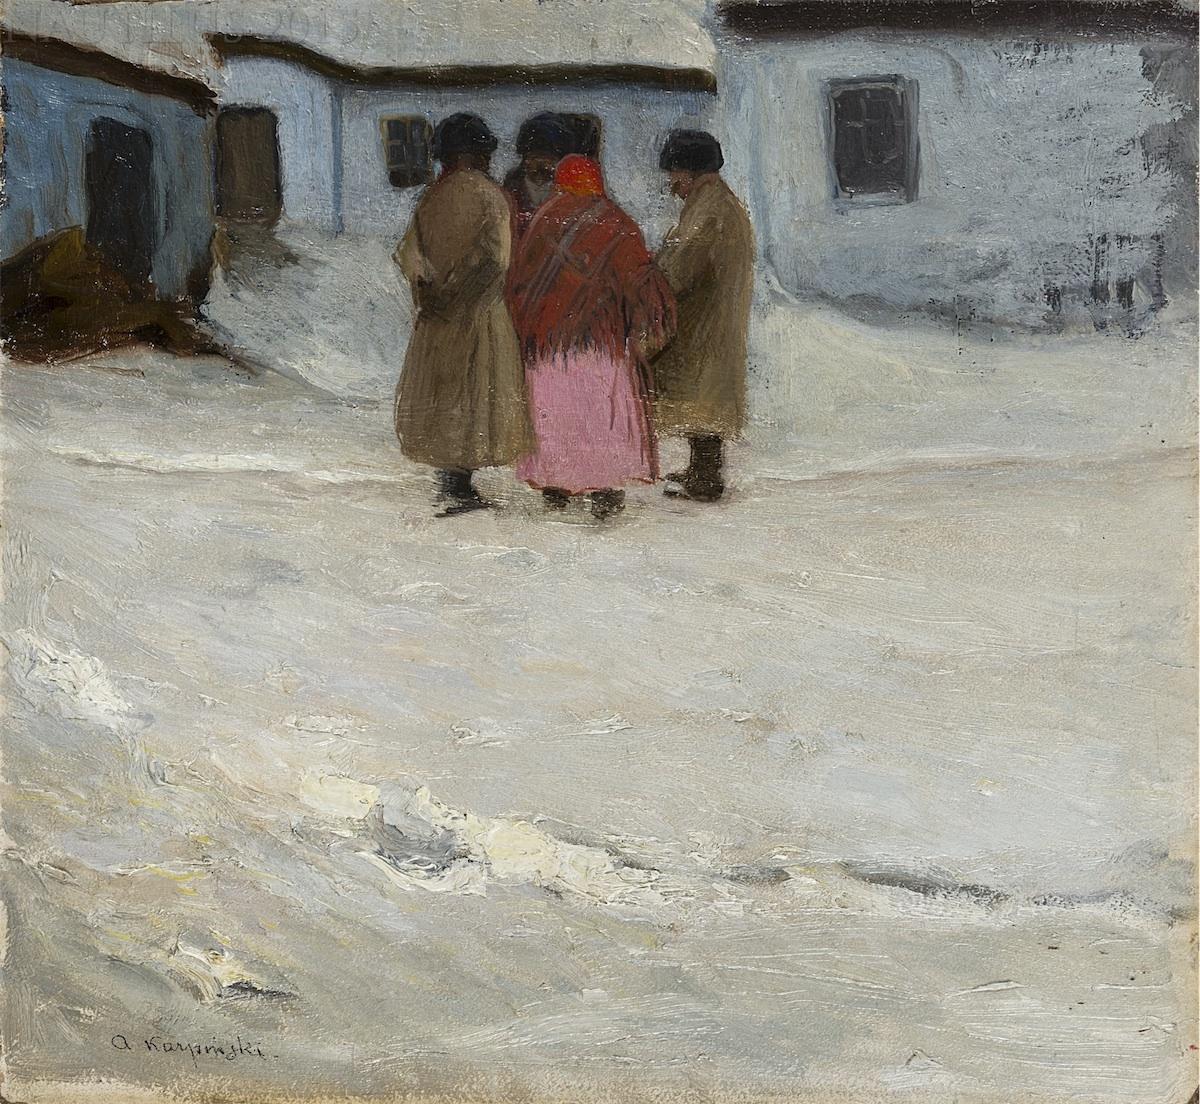 Spotkanie na wiejskiej drodze, ok. 1905